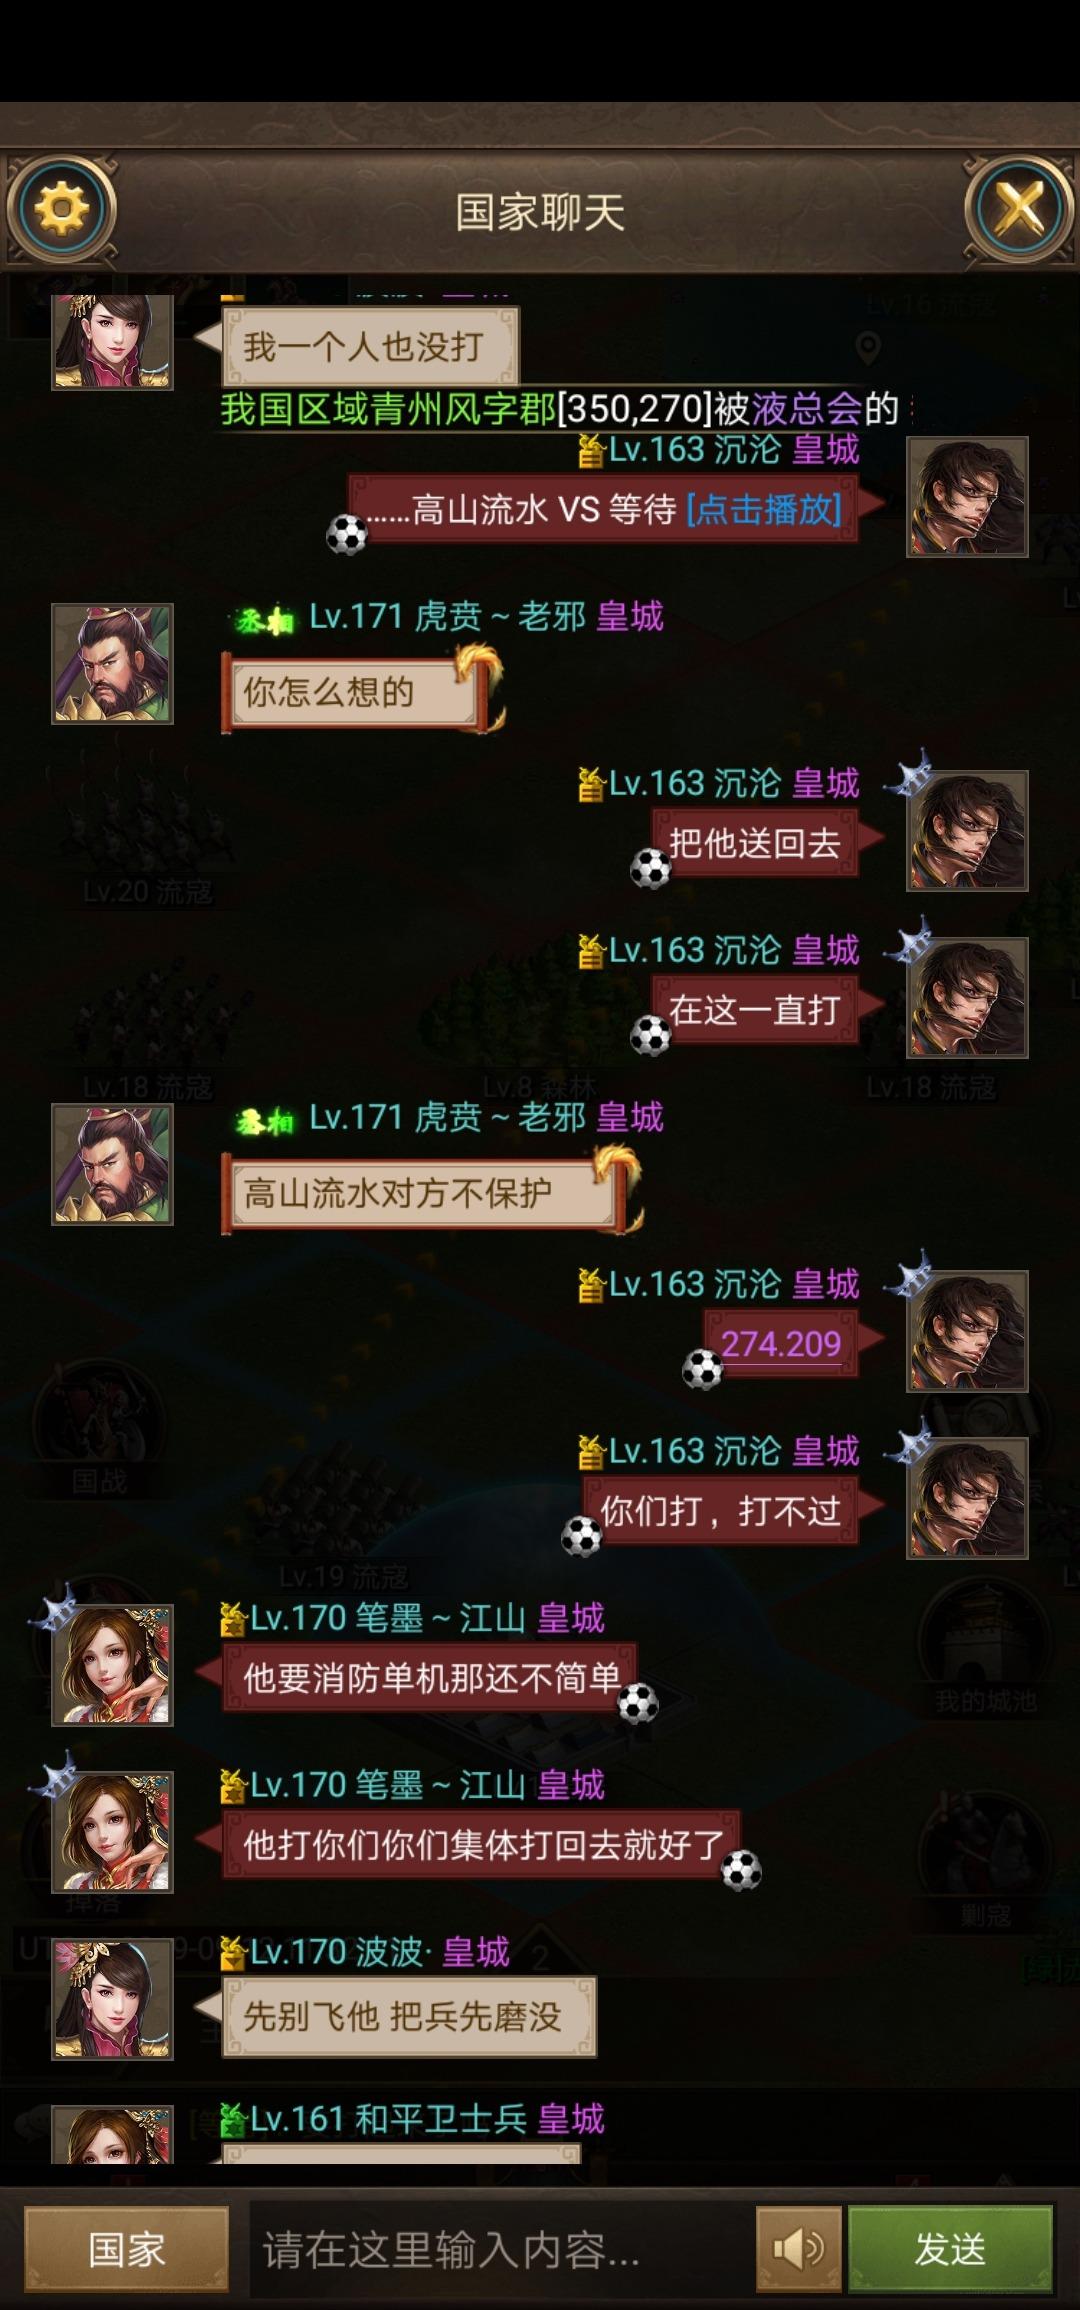 Screenshot_20190912_113251_com.sxsg.nearme.gamecenter.jpg